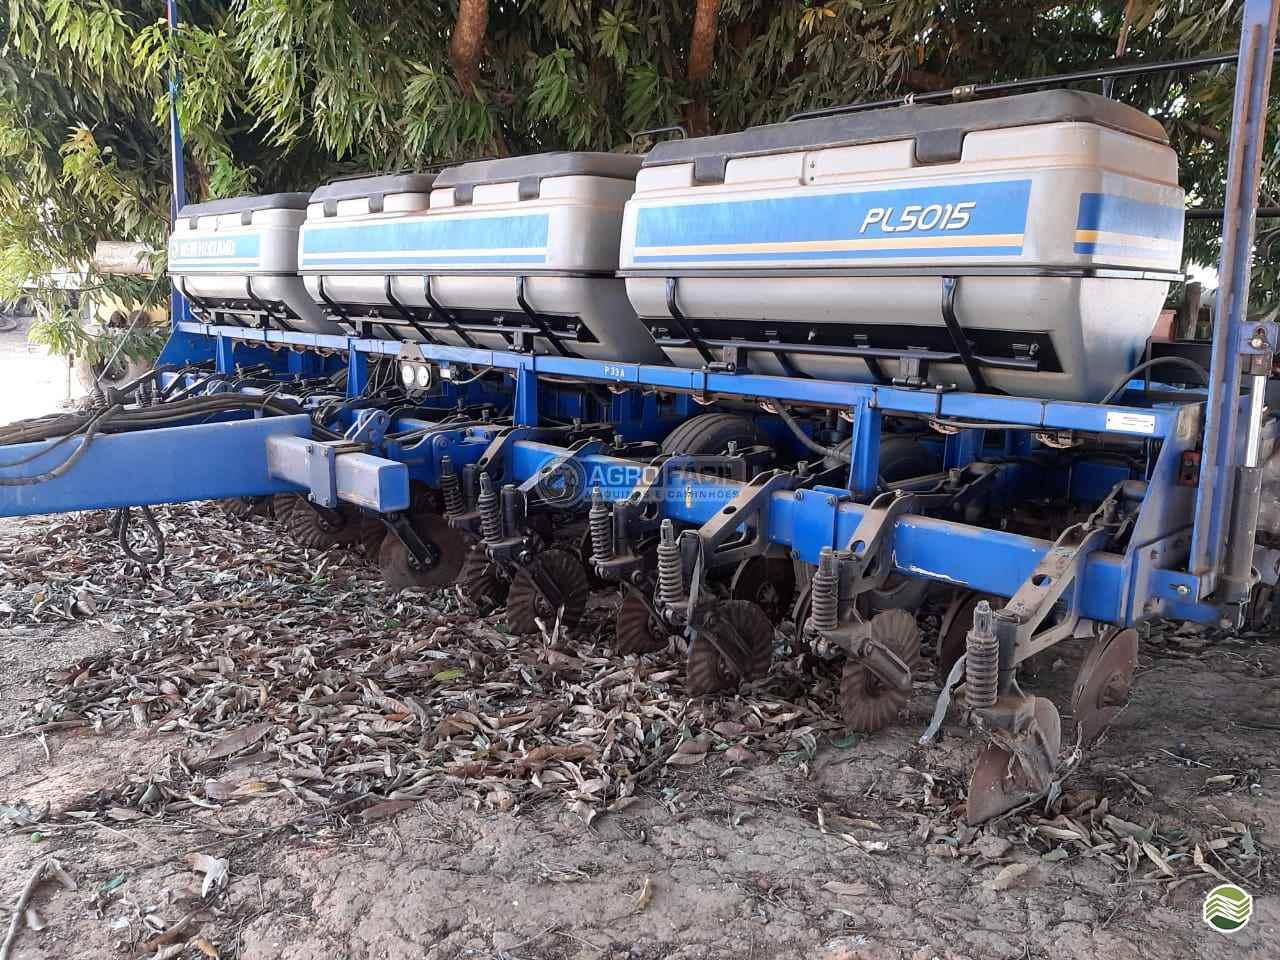 PLANTADEIRA NEW HOLLAND PL 5015 Agro Fácil Máquinas PRIMAVERA DO LESTE MATO GROSSO MT